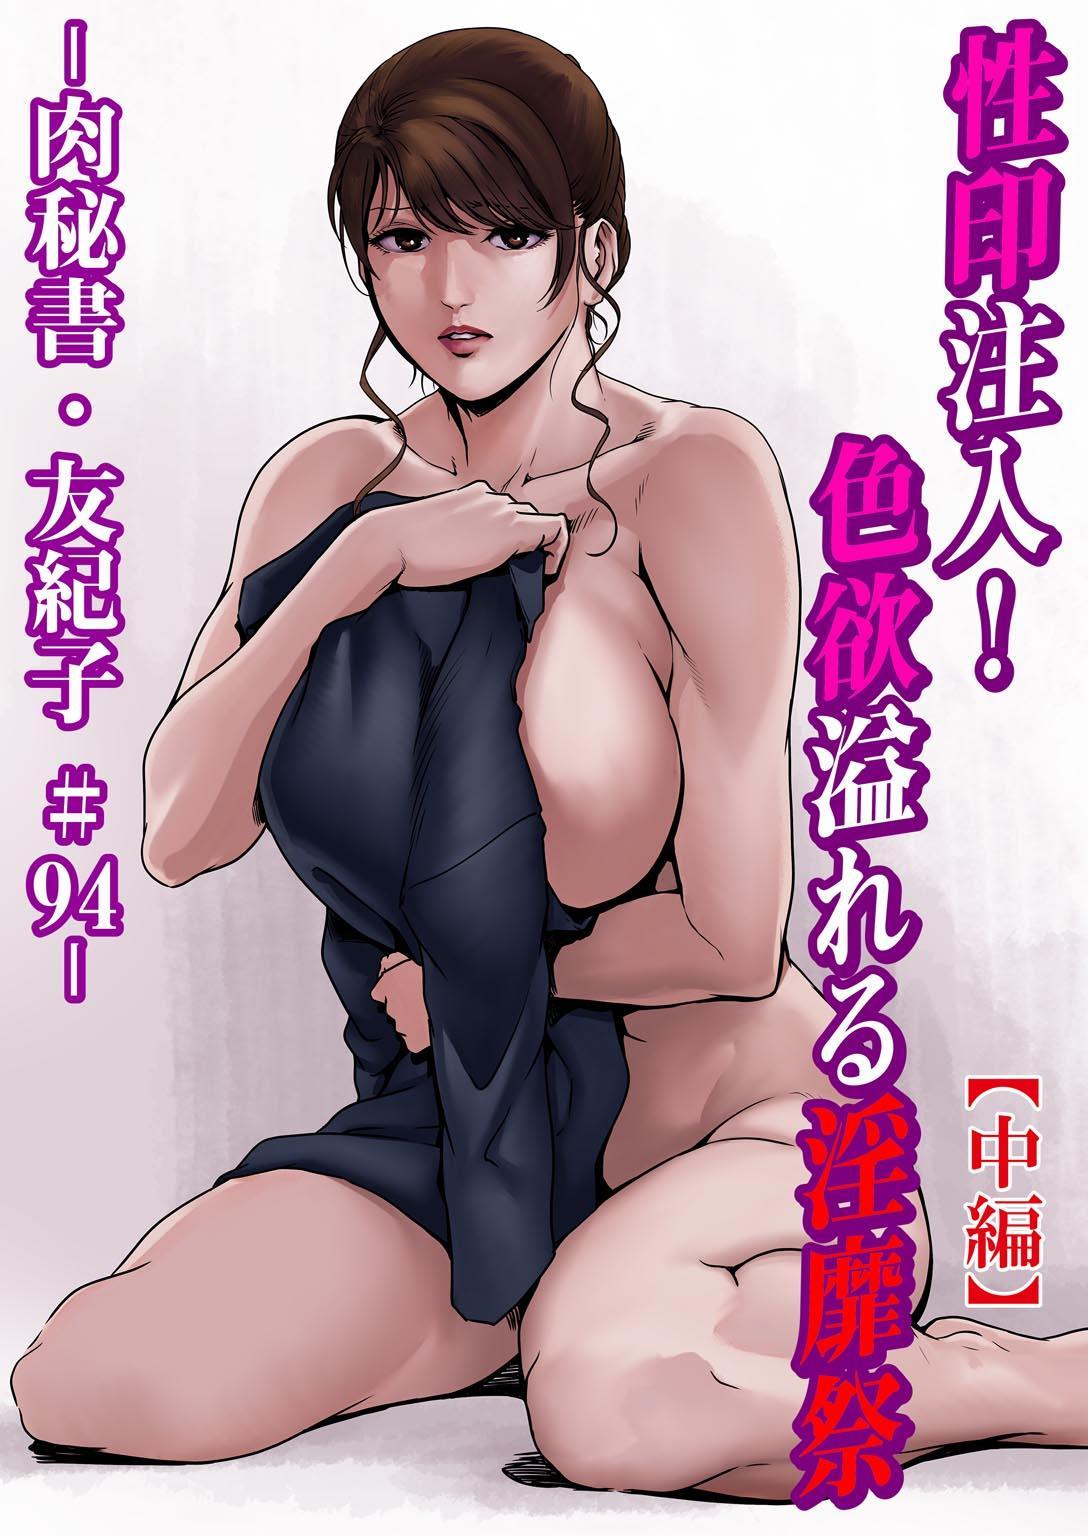 Nikuhisyo Yukiko 33 25